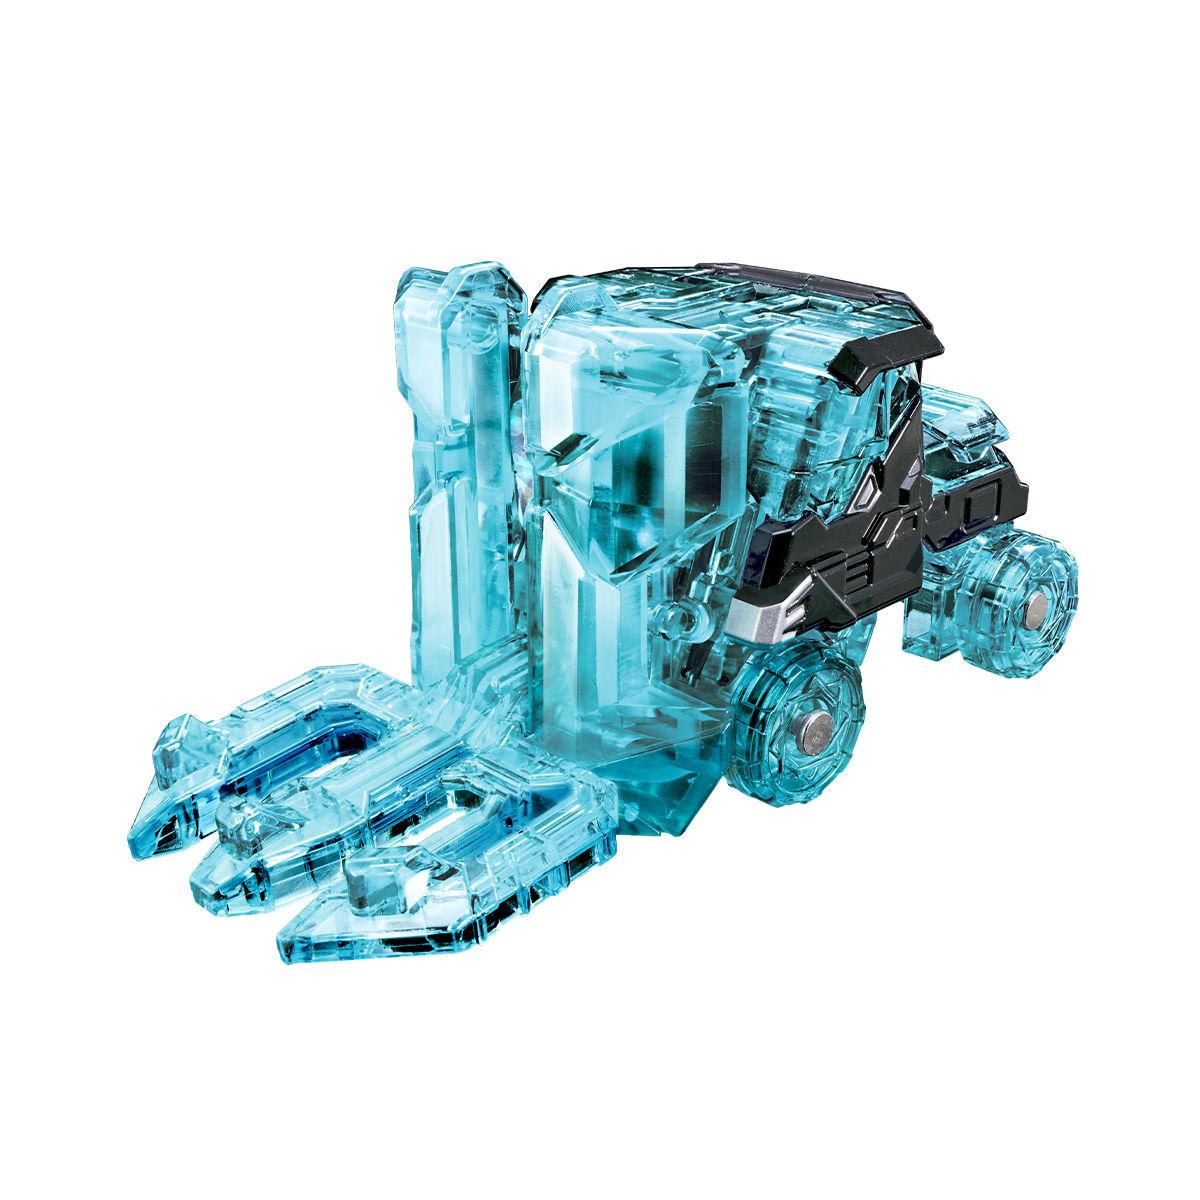 キラメイジャー ウェポン魔進シリーズ01『DX魔進ローランド&魔進リフトンセット』可変可動フィギュア-003